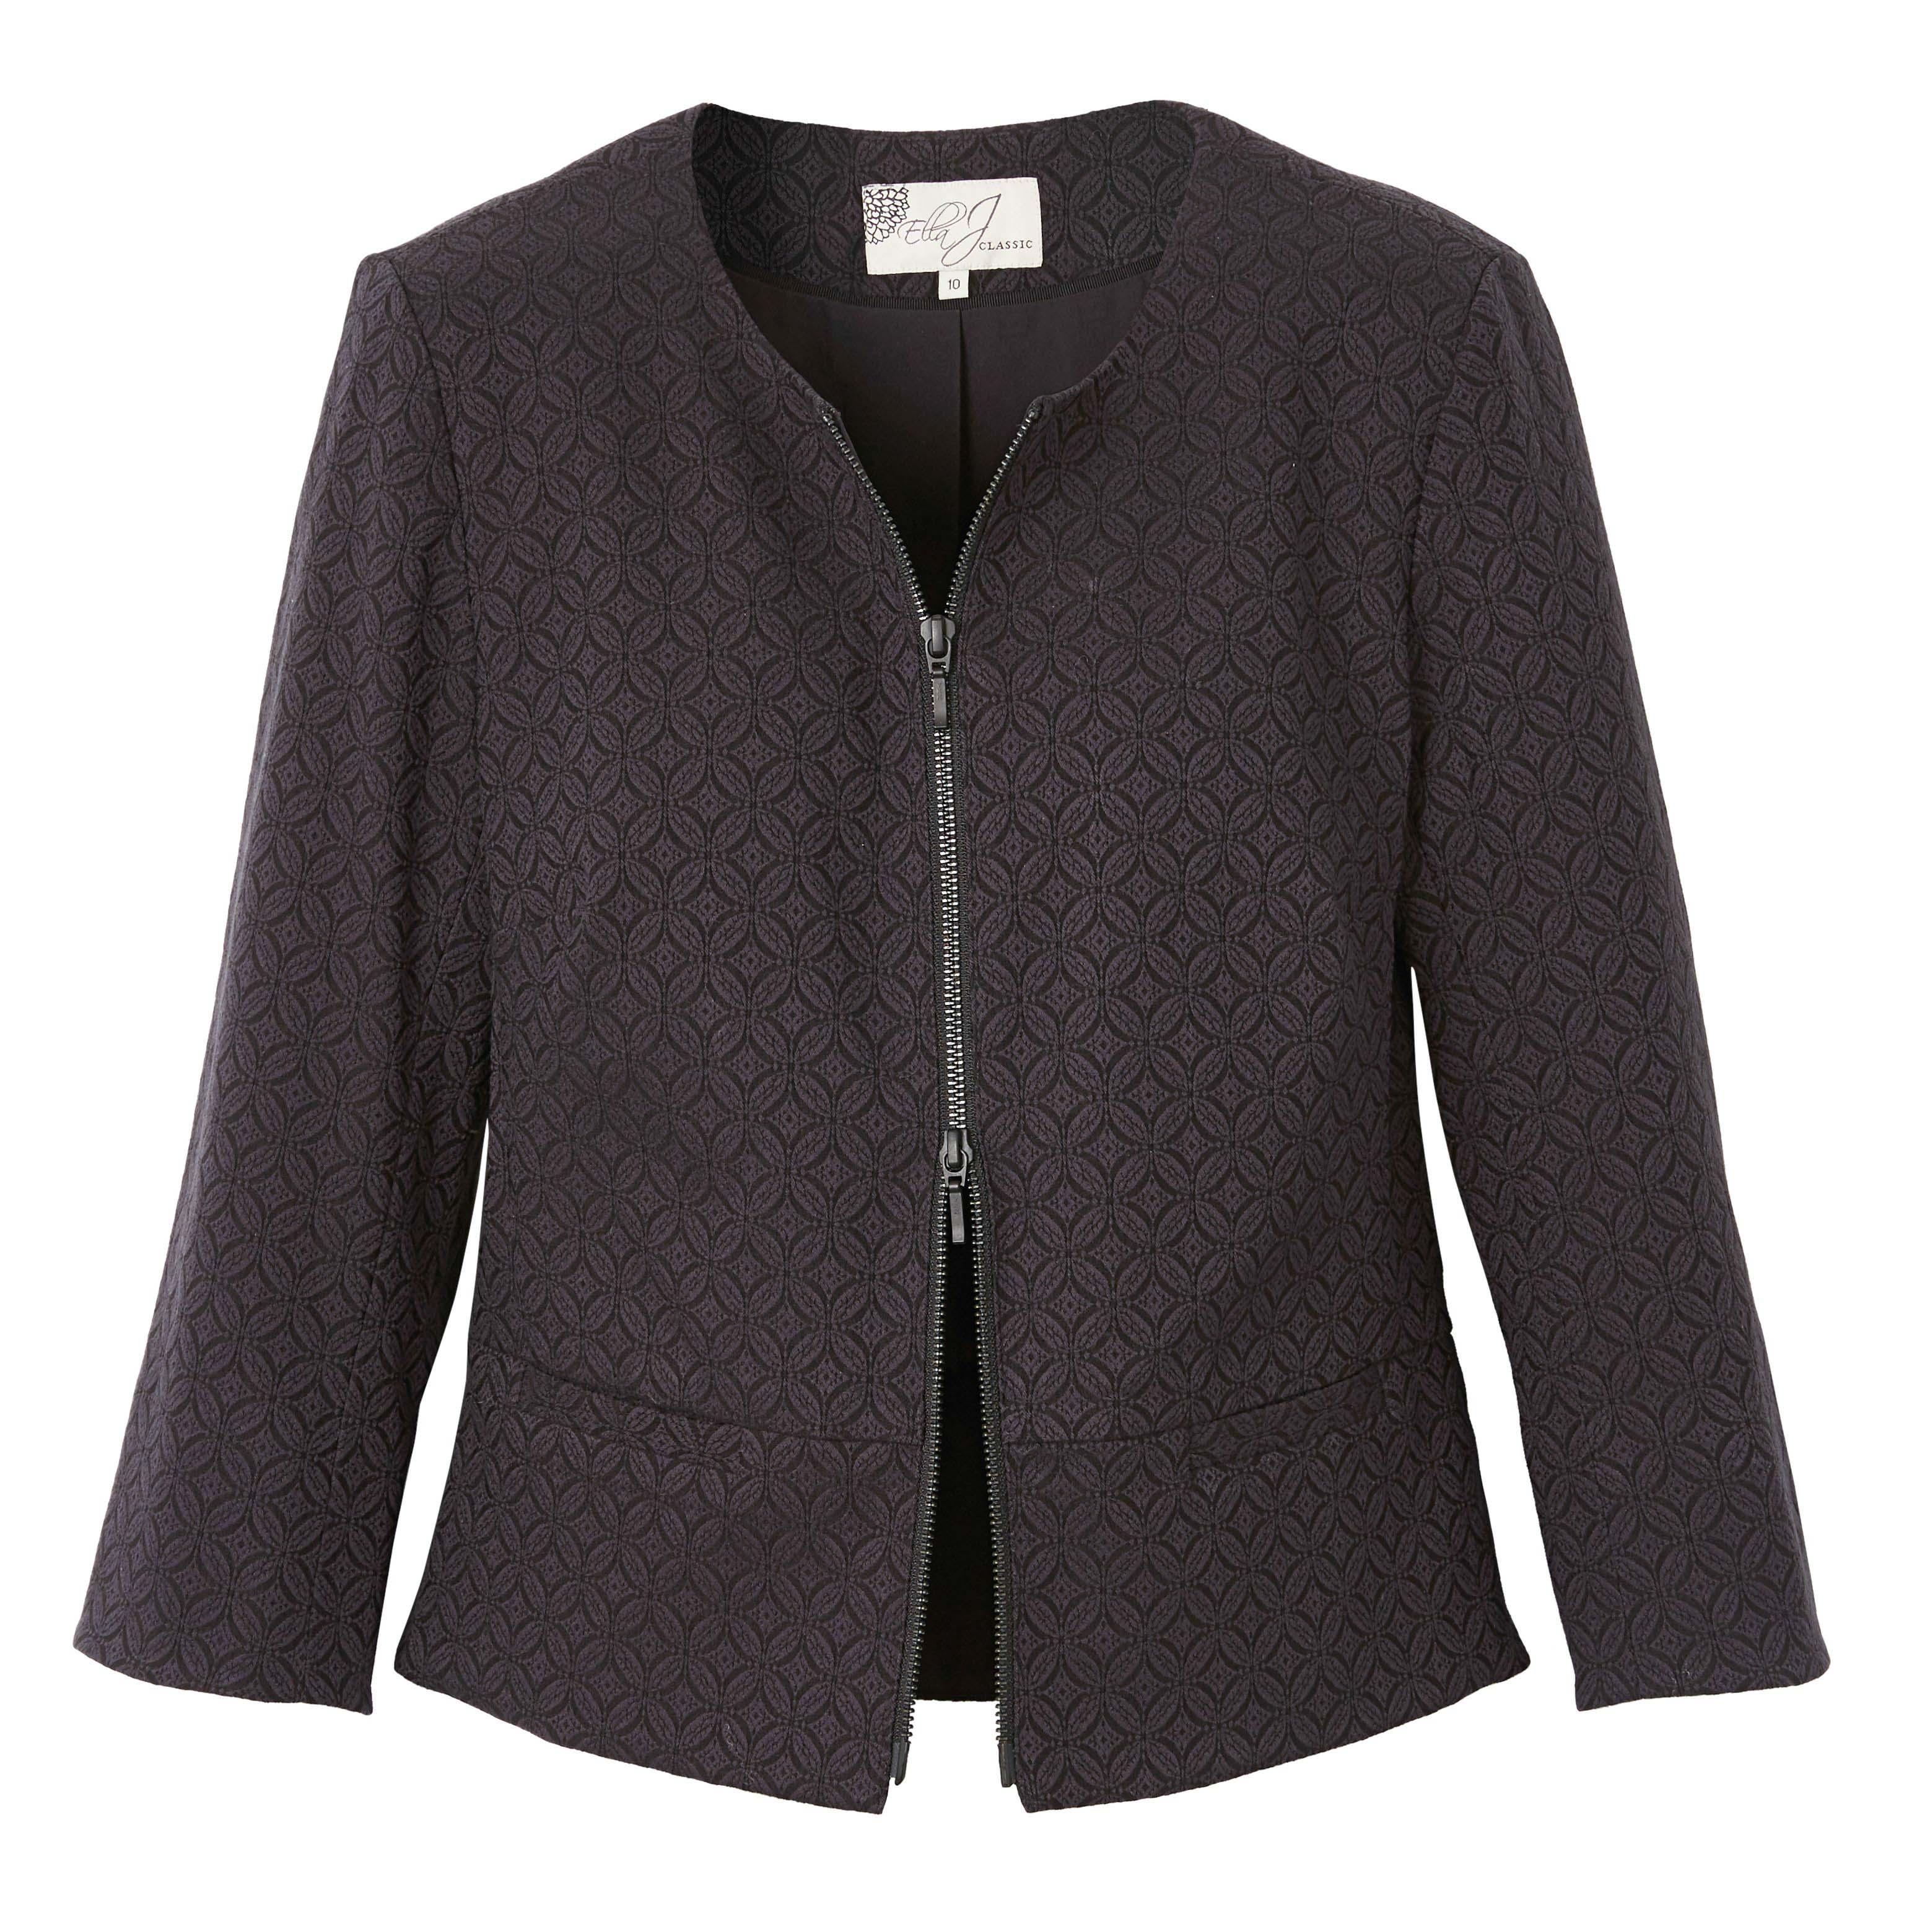 6085693 Ella J Classic Textured Zip Front Jacket Black $119.99 Instore 1 Mar 2016